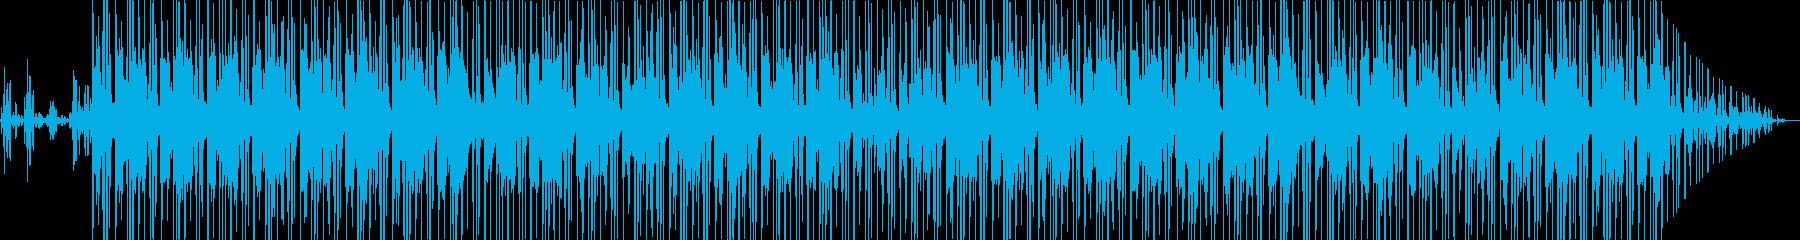 Lofi・落ち着いたジャズ・静かなバーの再生済みの波形